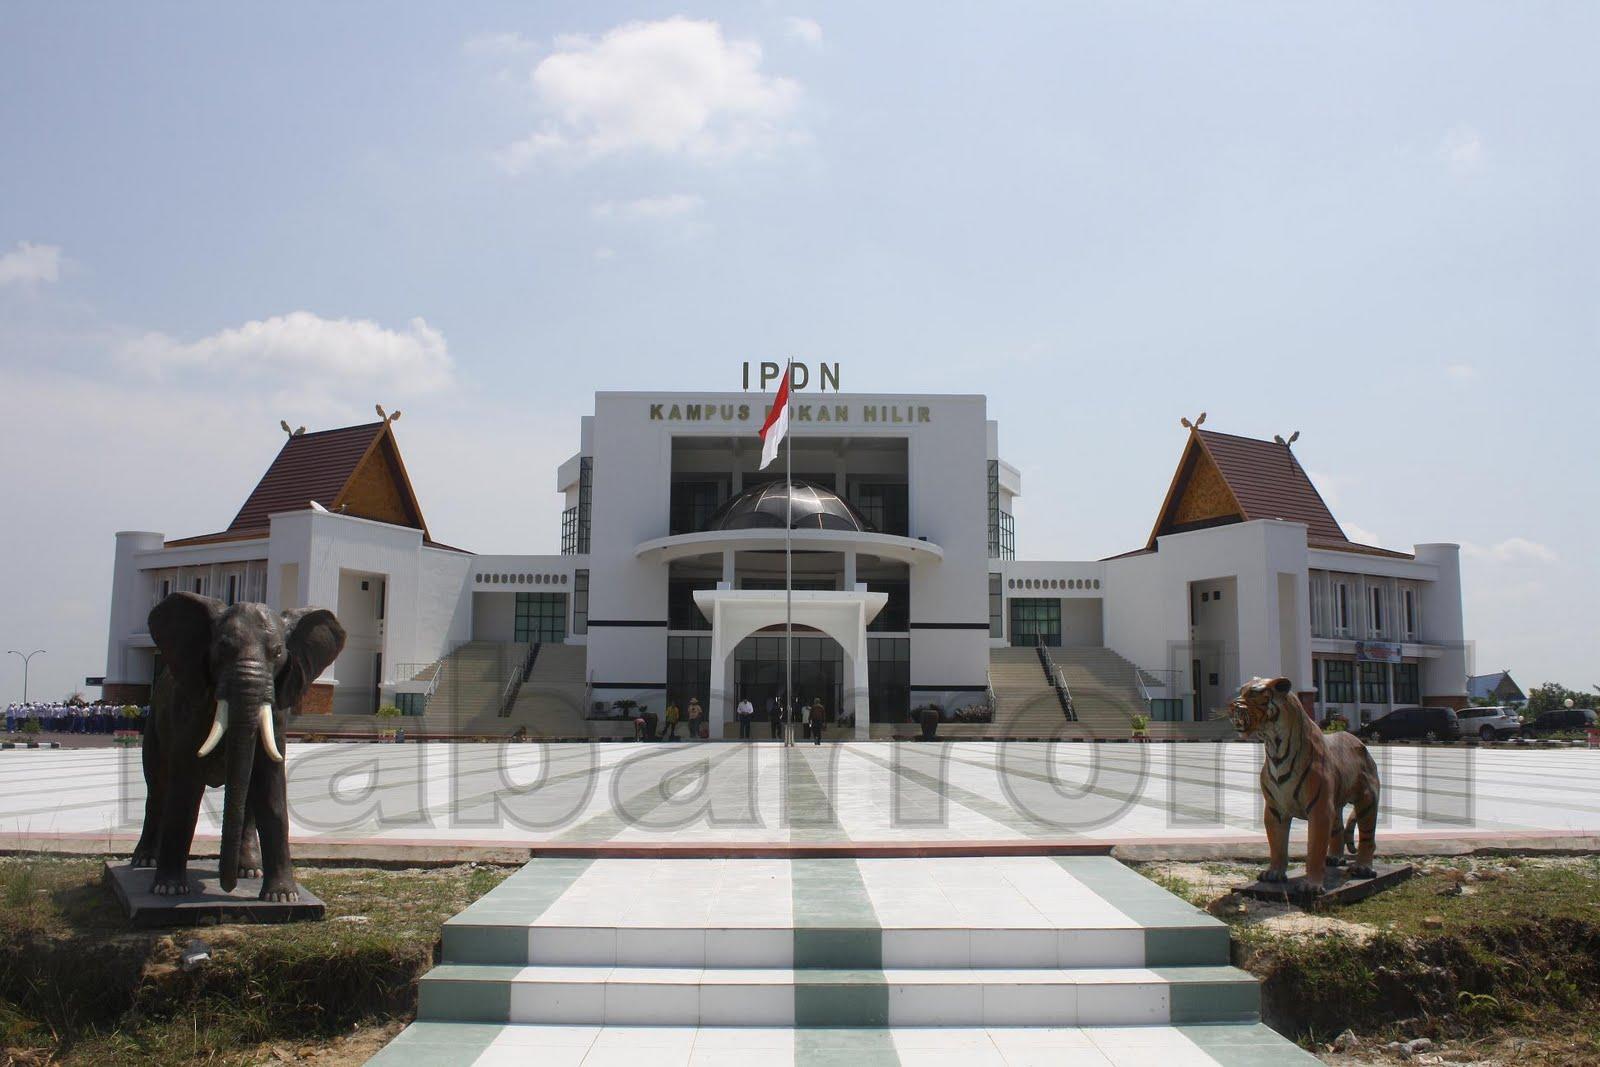 IPDN KAMPUS DAERAH ROKAN HILIR RIAU, INDONESIA